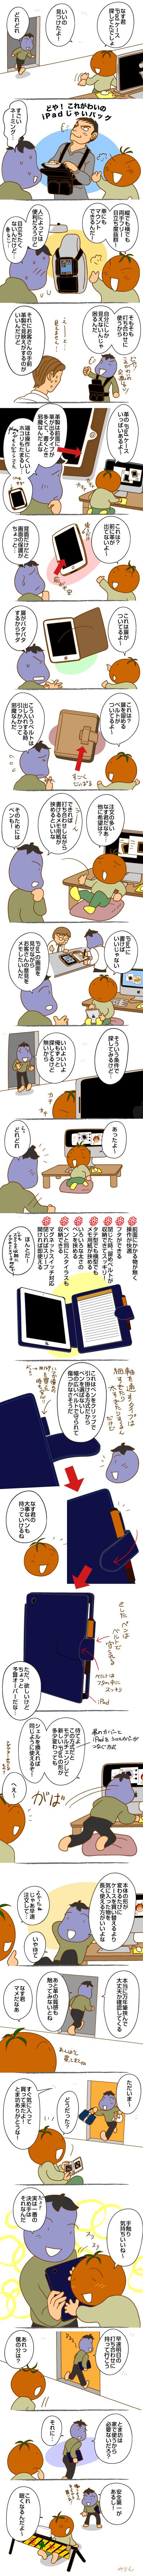 震災後の日常4コマ・とまとなす411話:理想のiPadケースを求めて・copulo